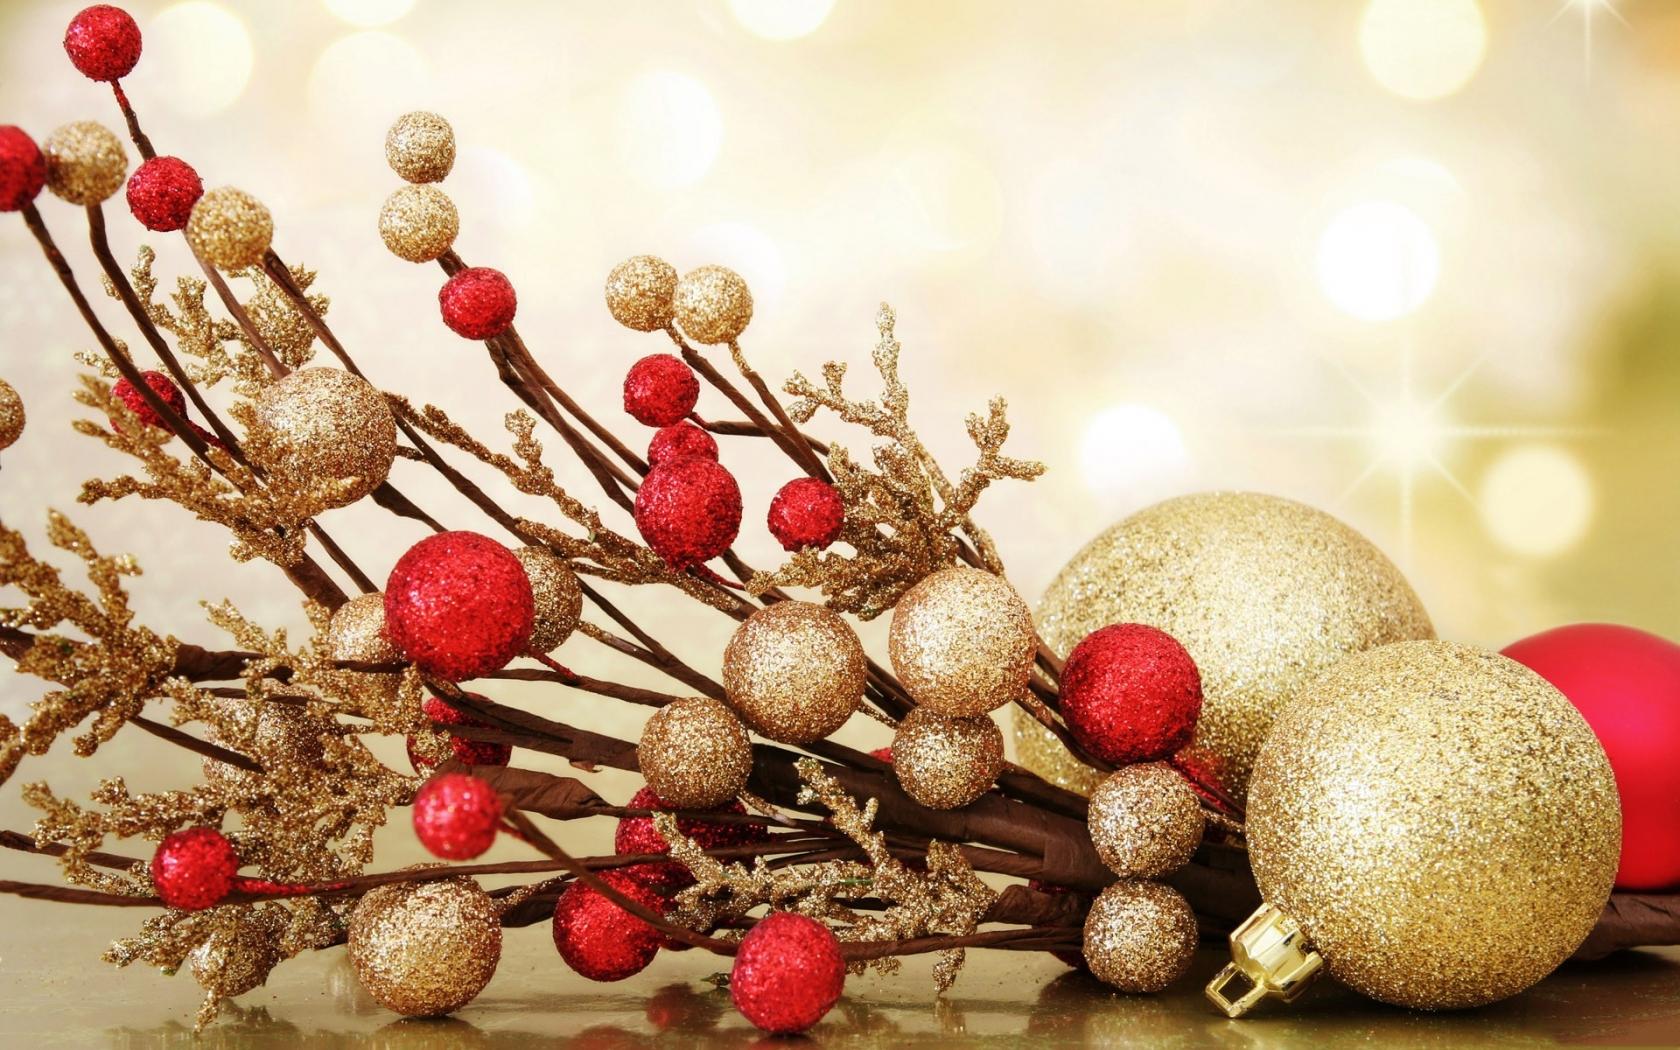 Adornos de navidad para oficina - 1680x1050